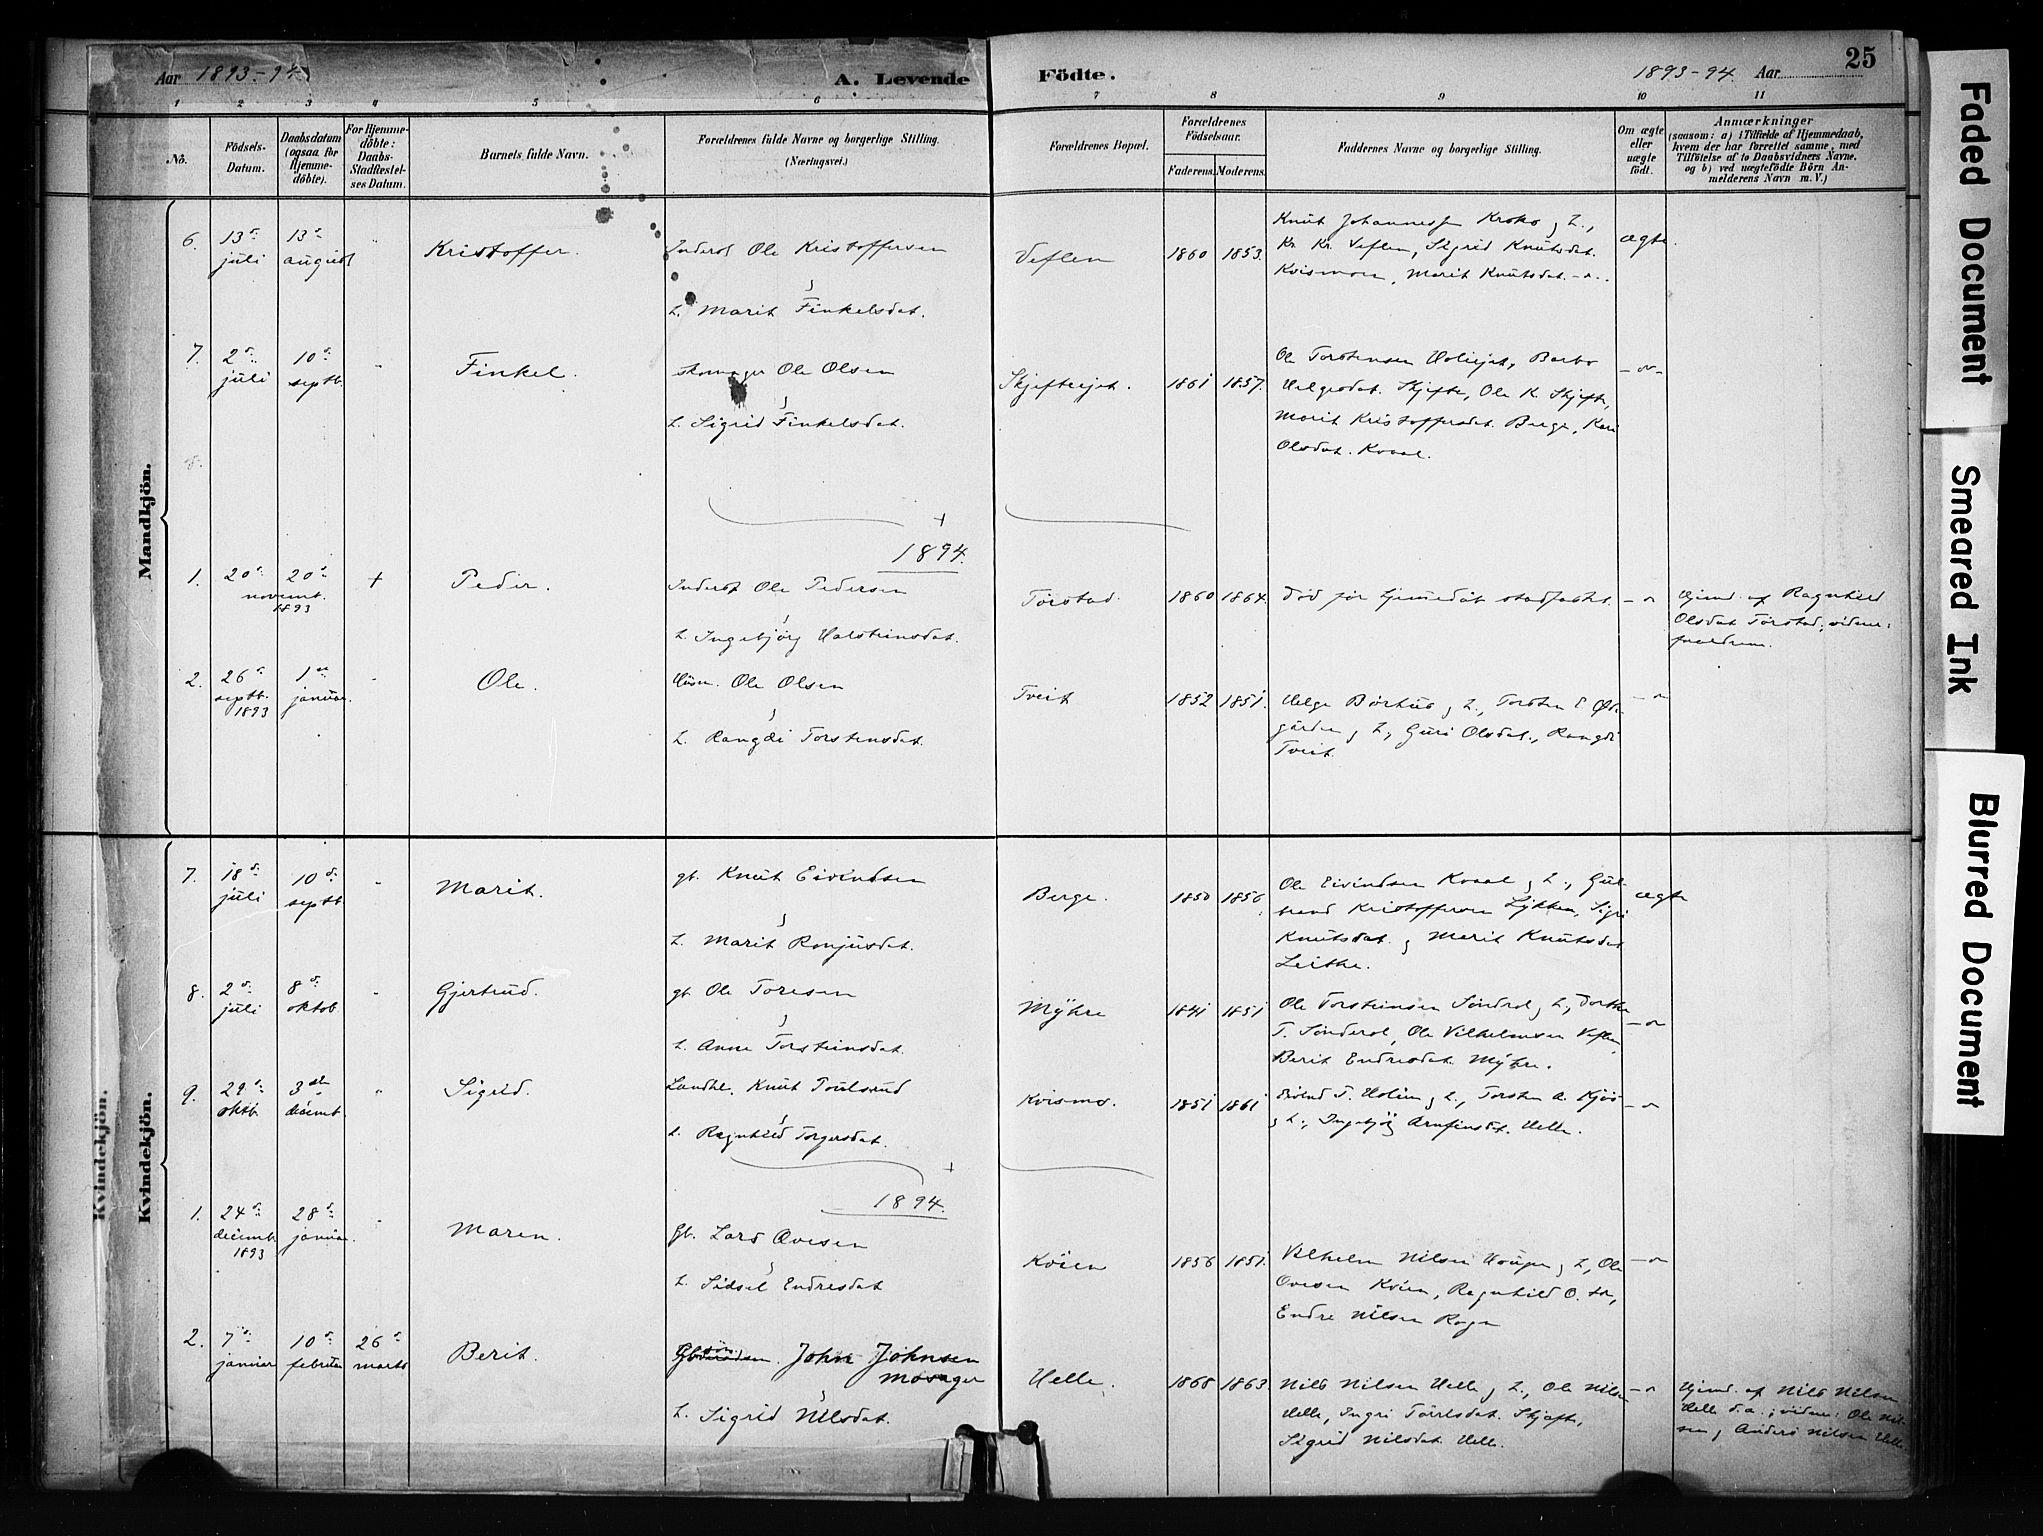 SAH, Vang prestekontor, Valdres, Ministerialbok nr. 9, 1882-1914, s. 25